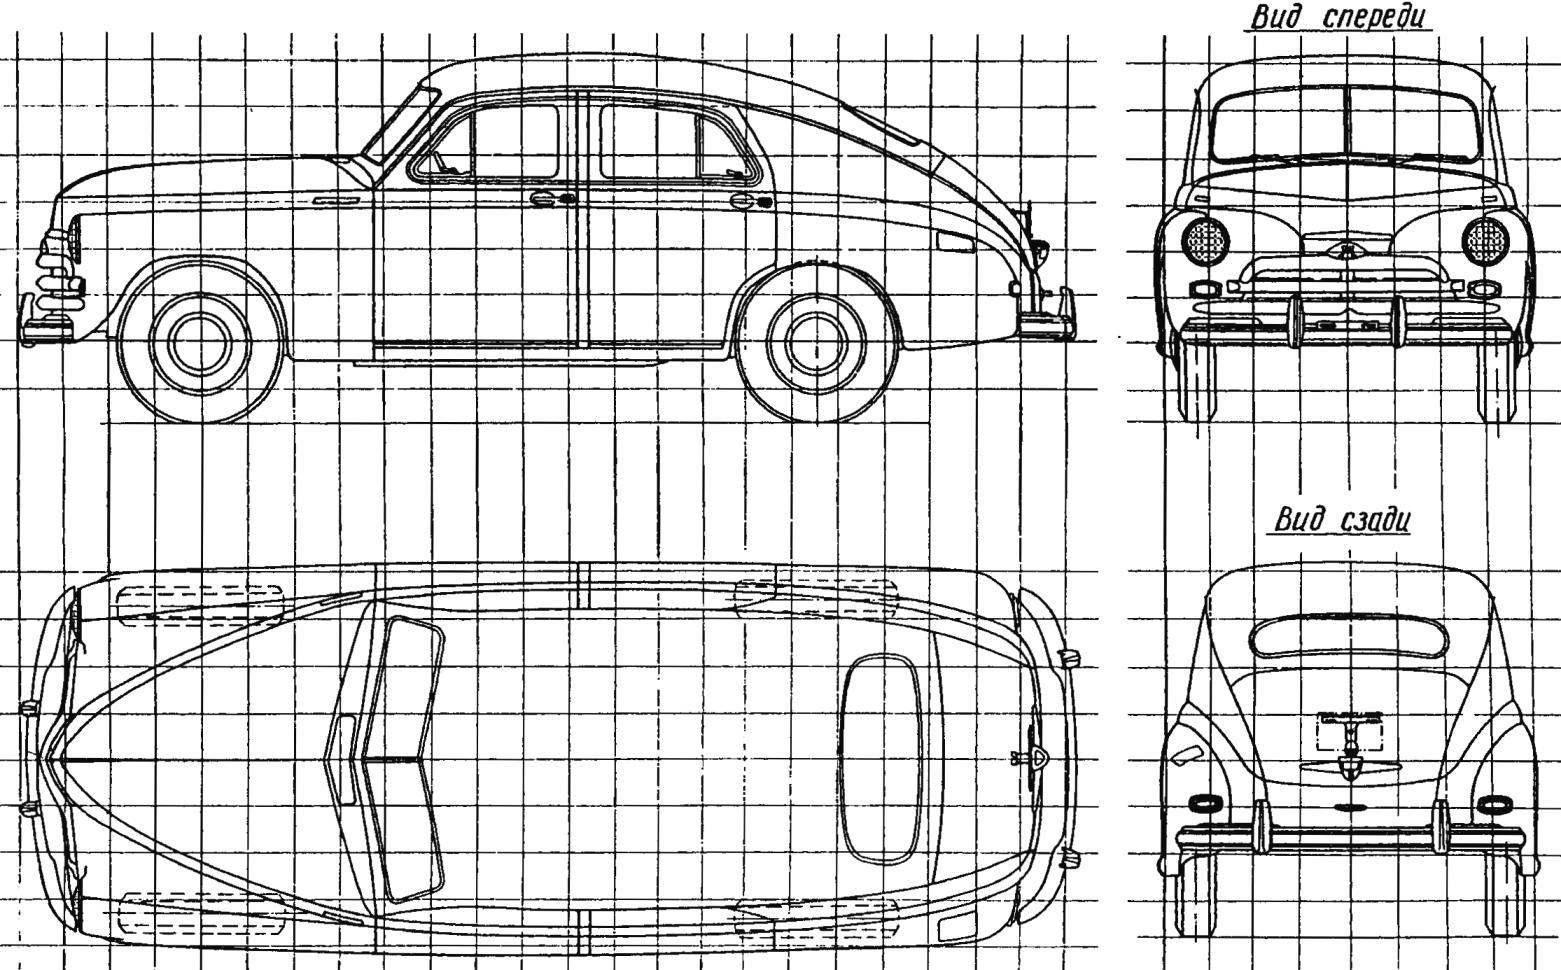 Геометрическая схема автомобиля «Победа» ГАЗ-М20В (сторона квадрата координатной сетки составляет 200 мм)